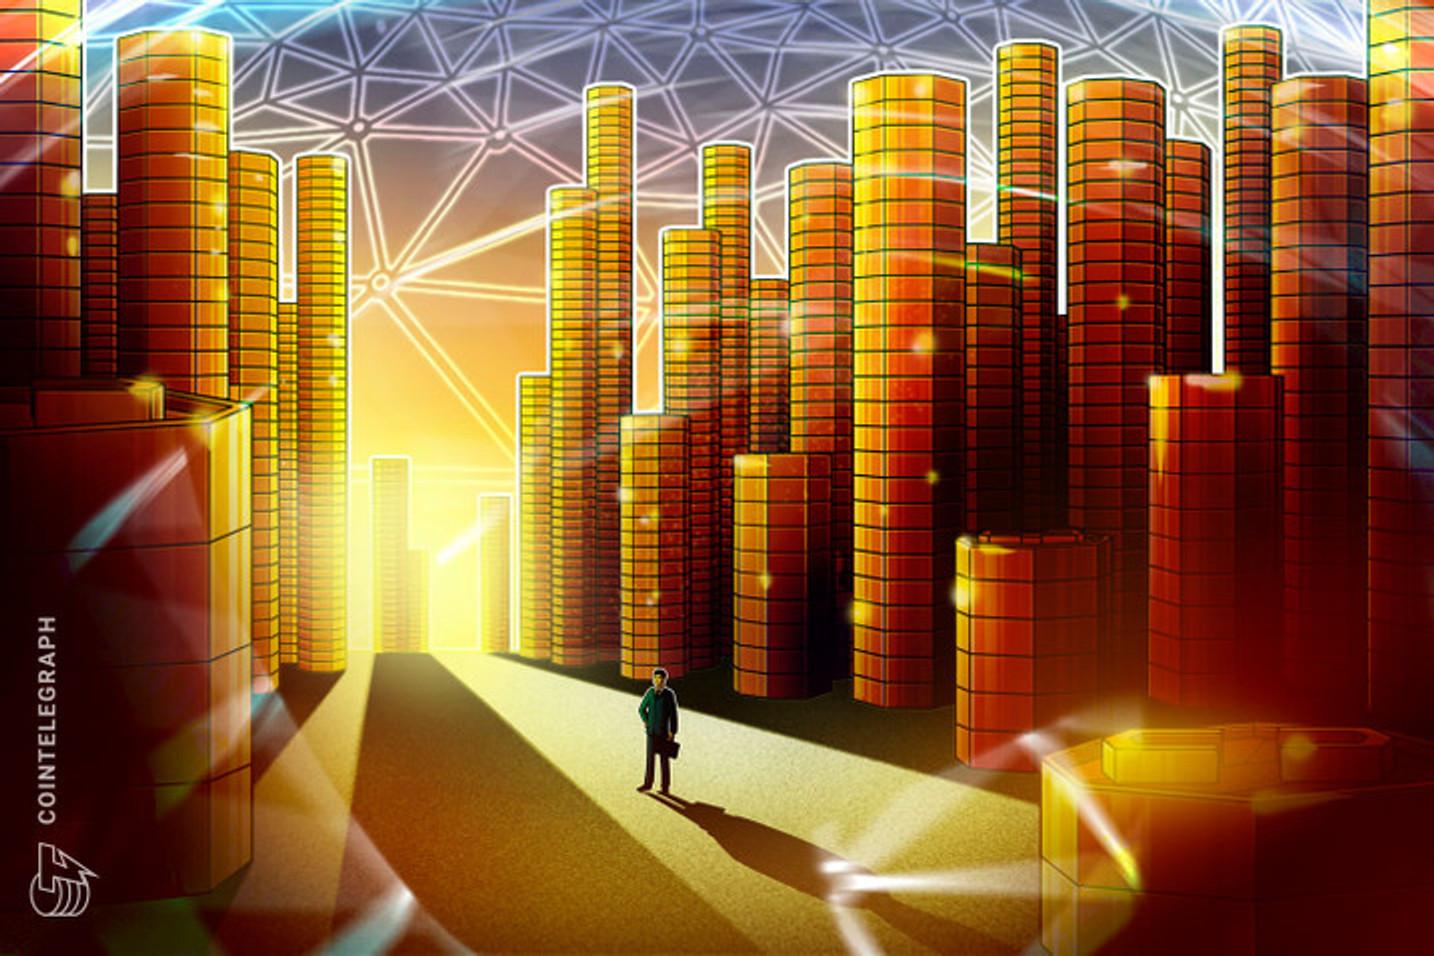 灰度暂停接受新投资对加密货币市场影响几何?